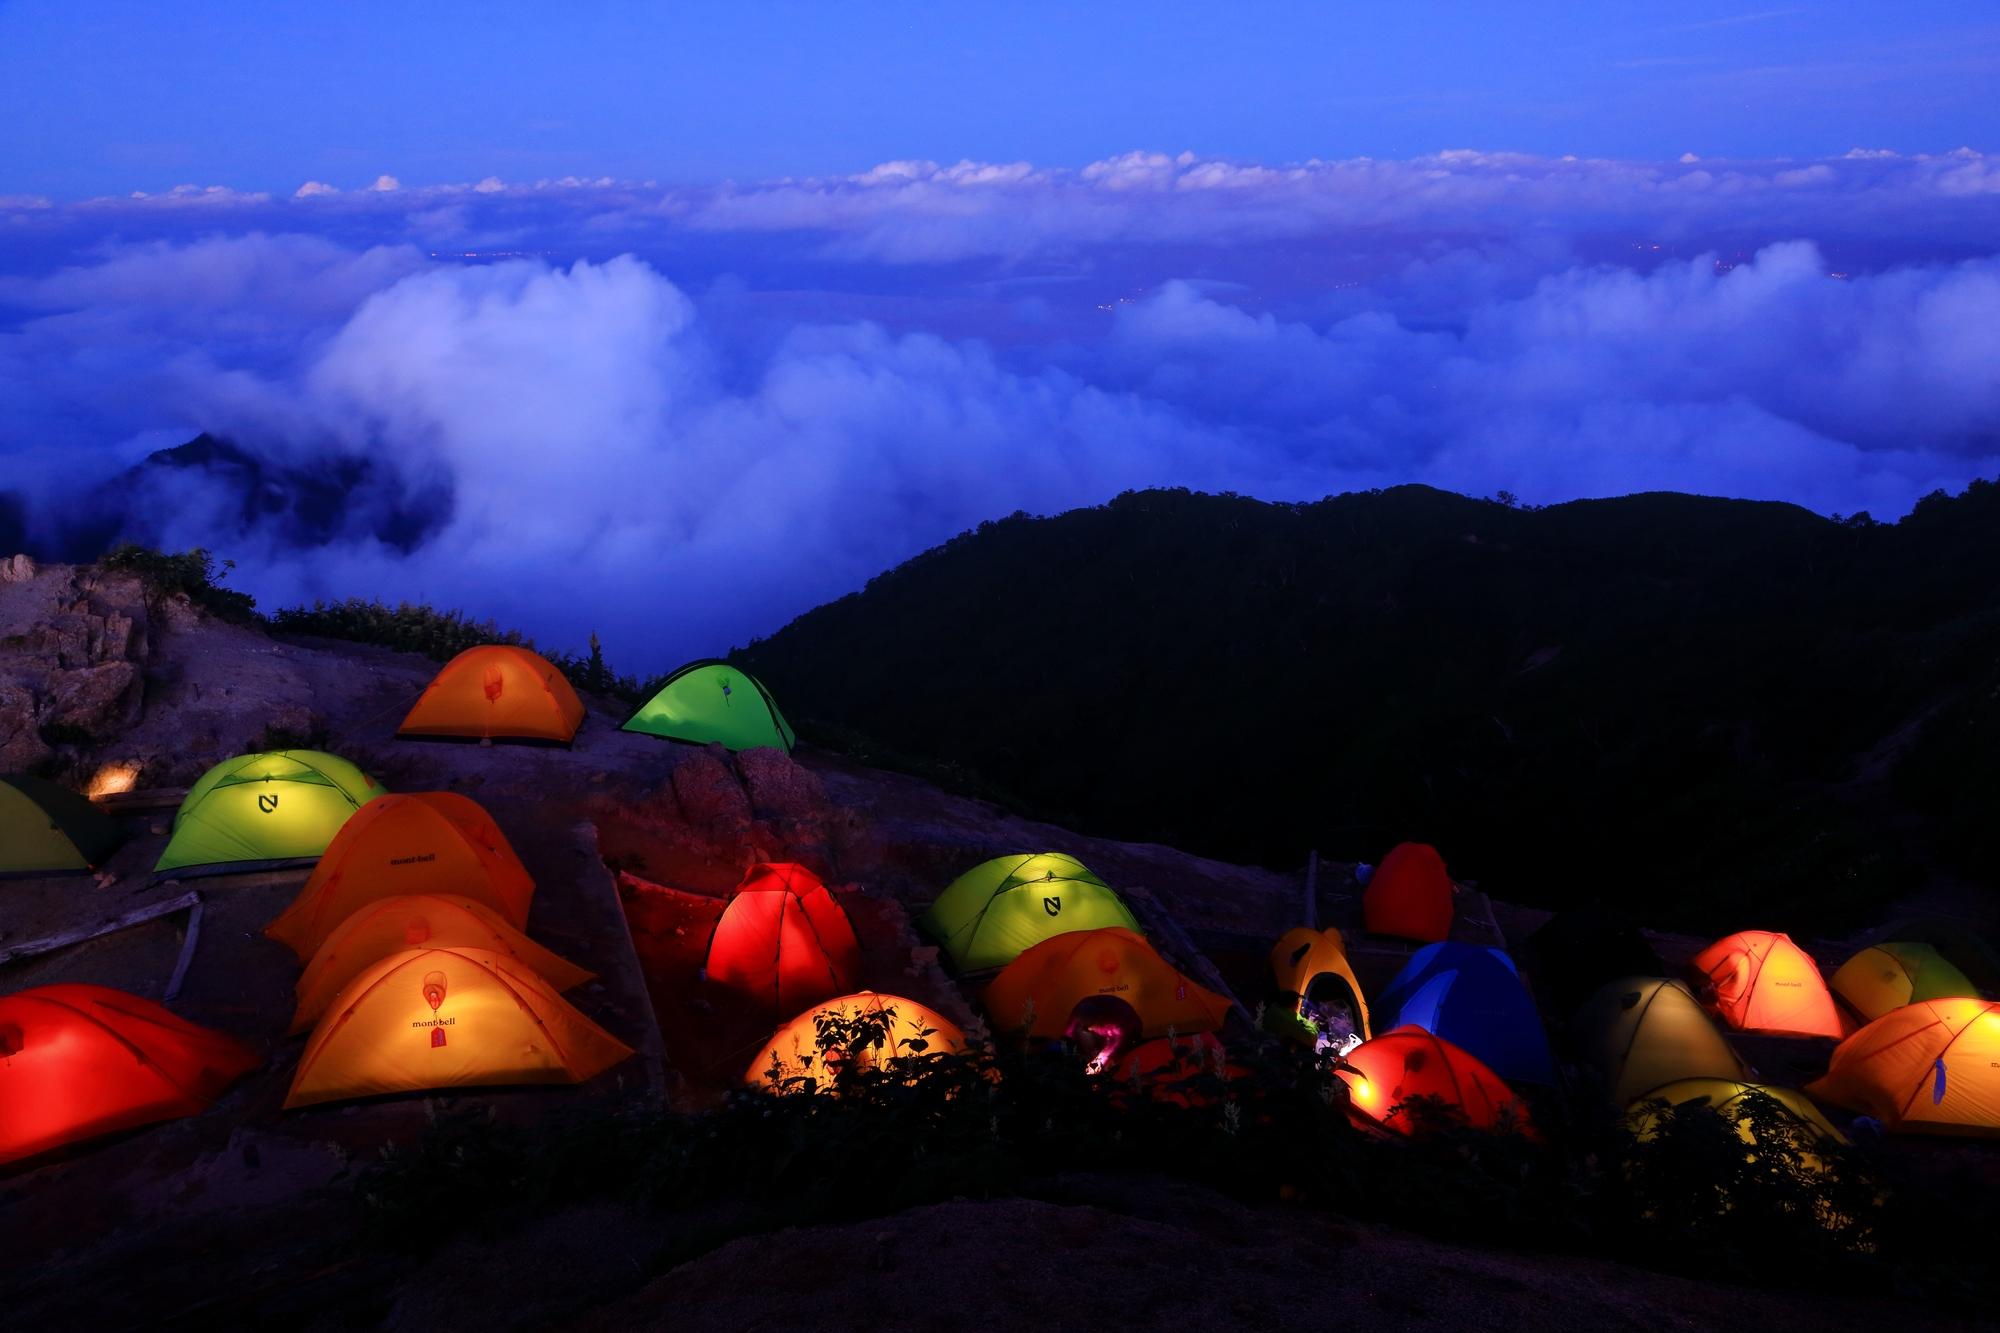 【ひとりテントデビュー】事前に習っておけば安心。テントの張り方やテント泊の知識を学べる講習会・ツアー4選